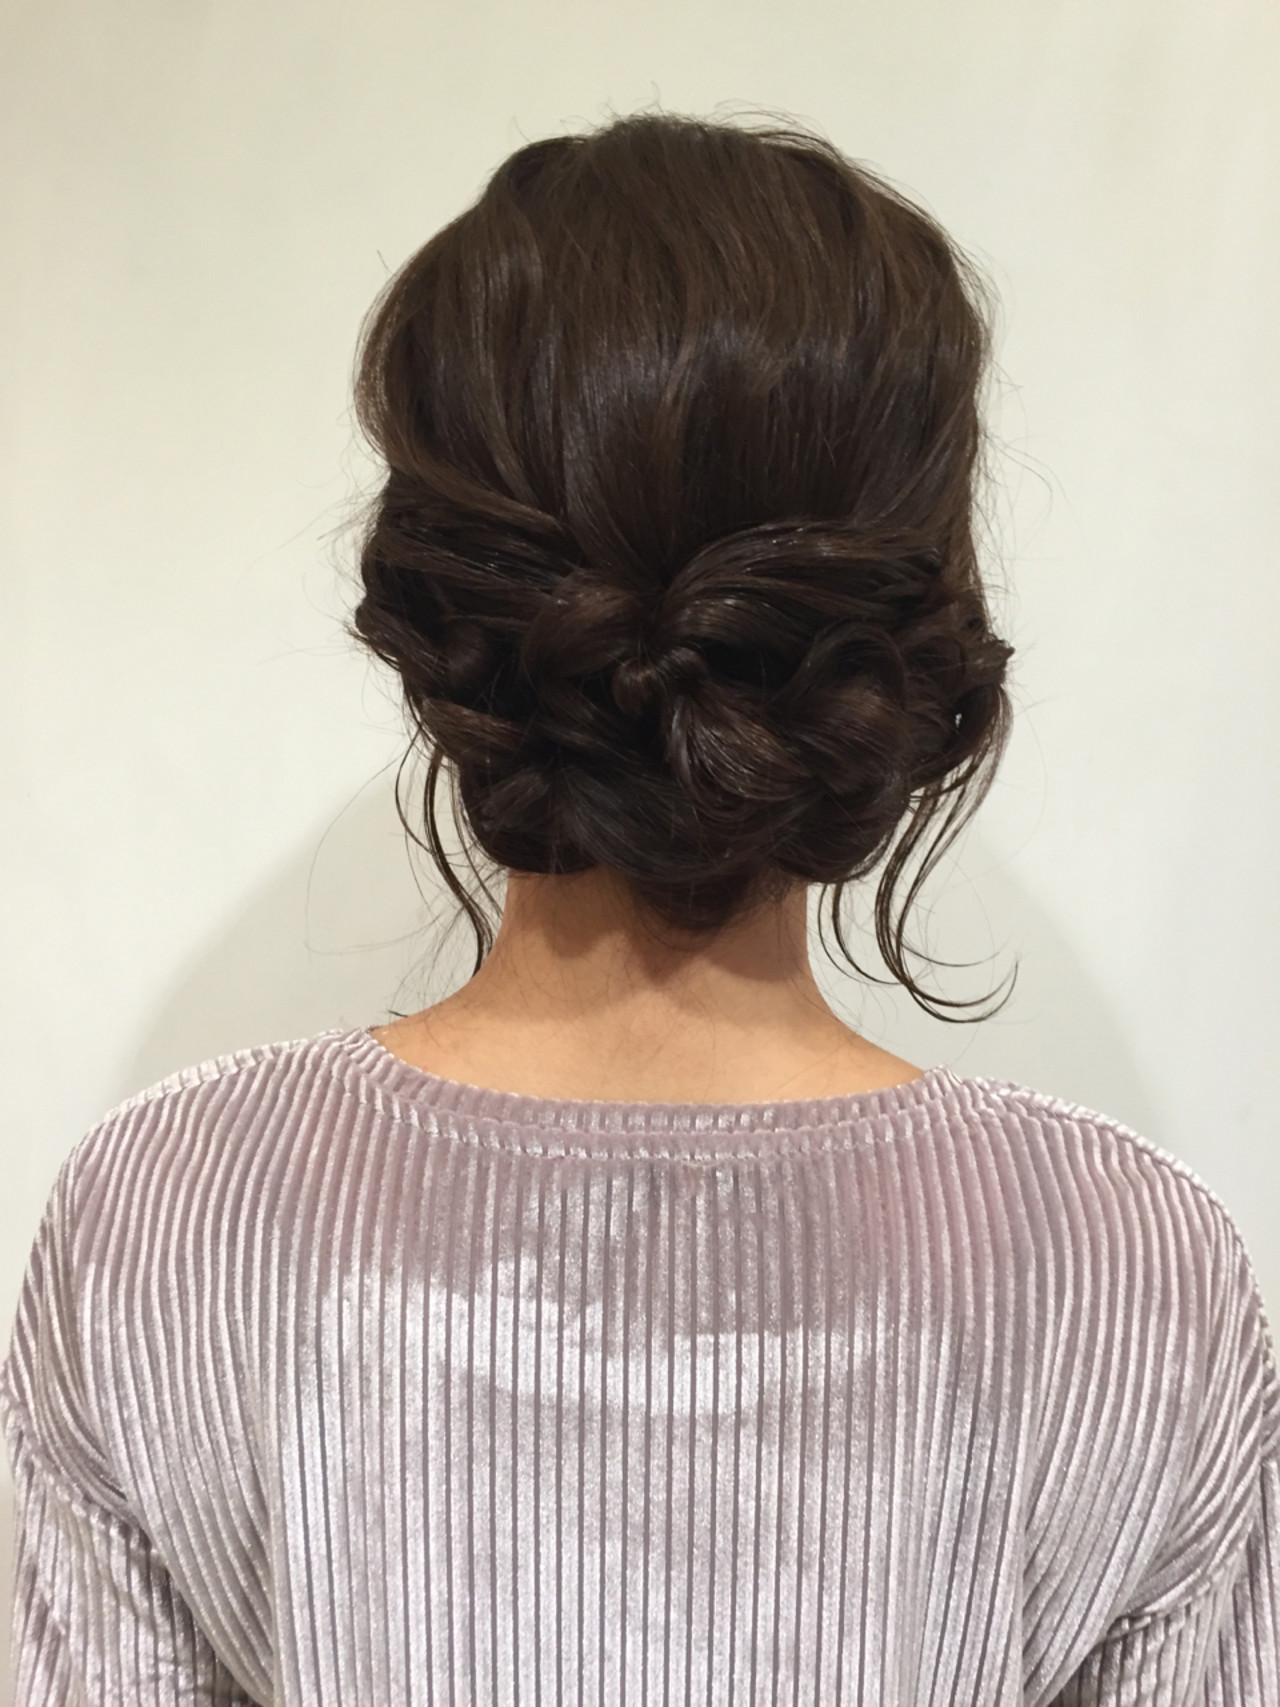 アッシュ ロング ショート 簡単ヘアアレンジヘアスタイルや髪型の写真・画像